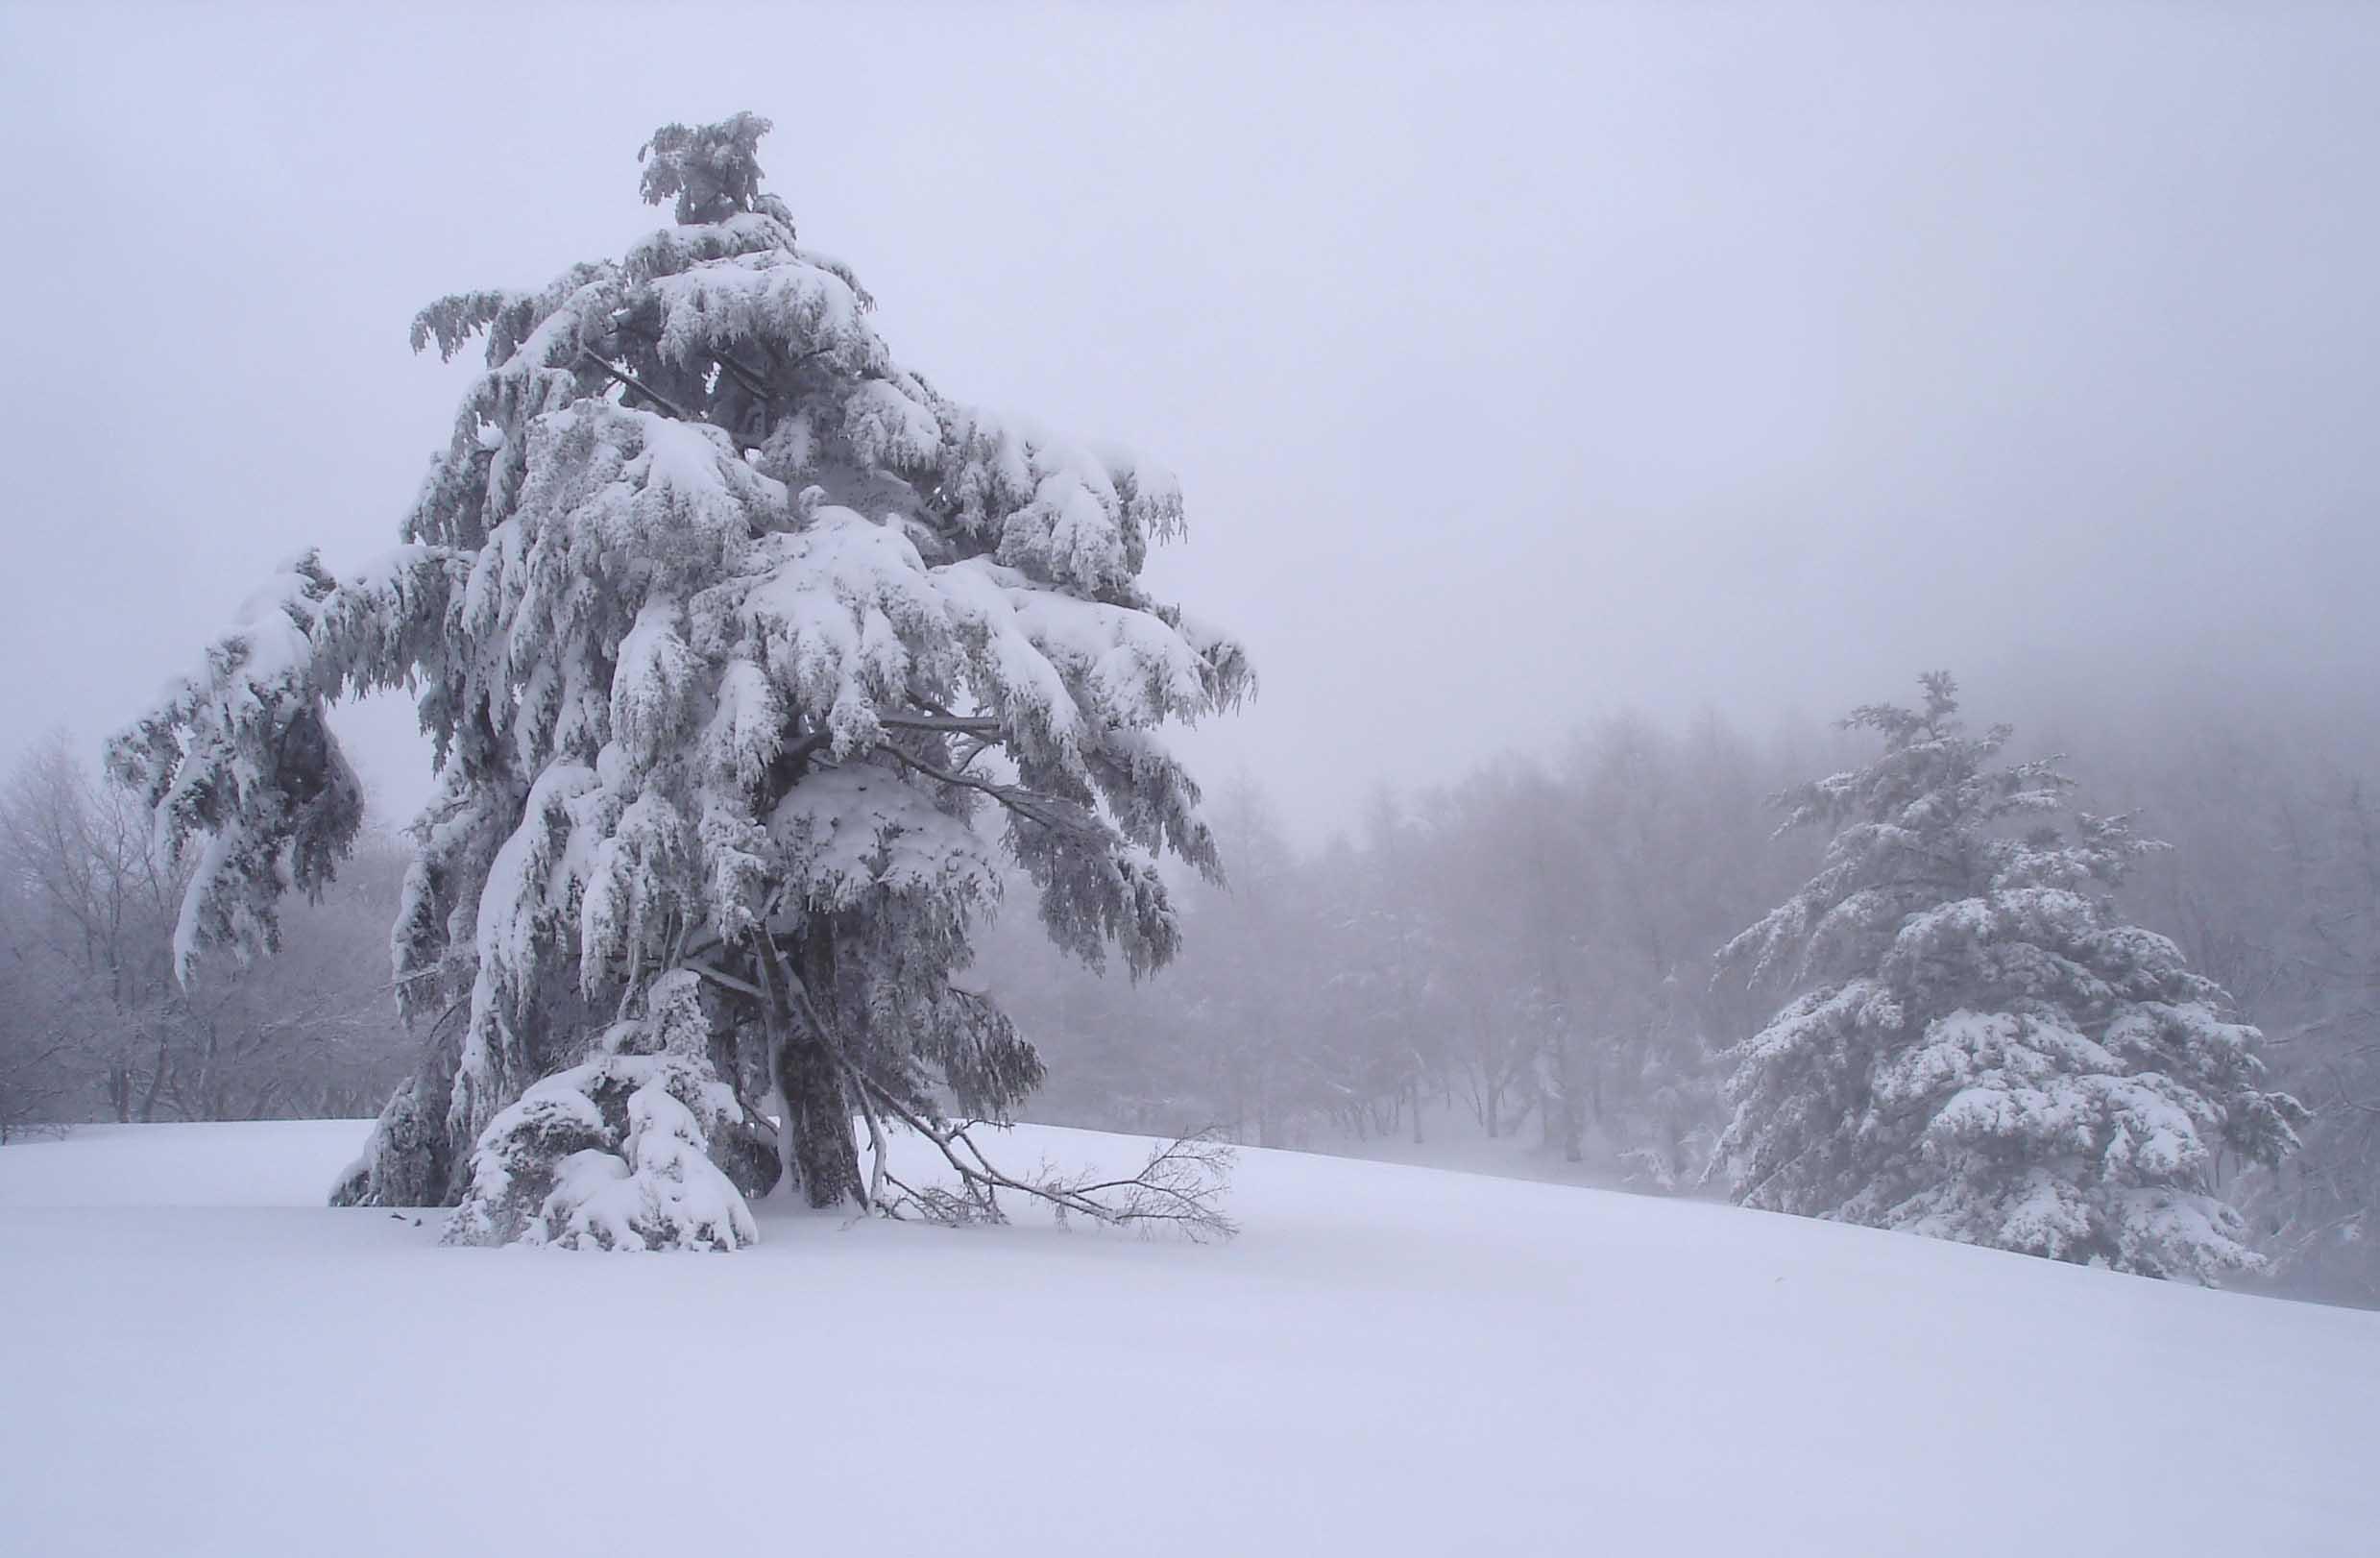 ガス間の積雪樹木